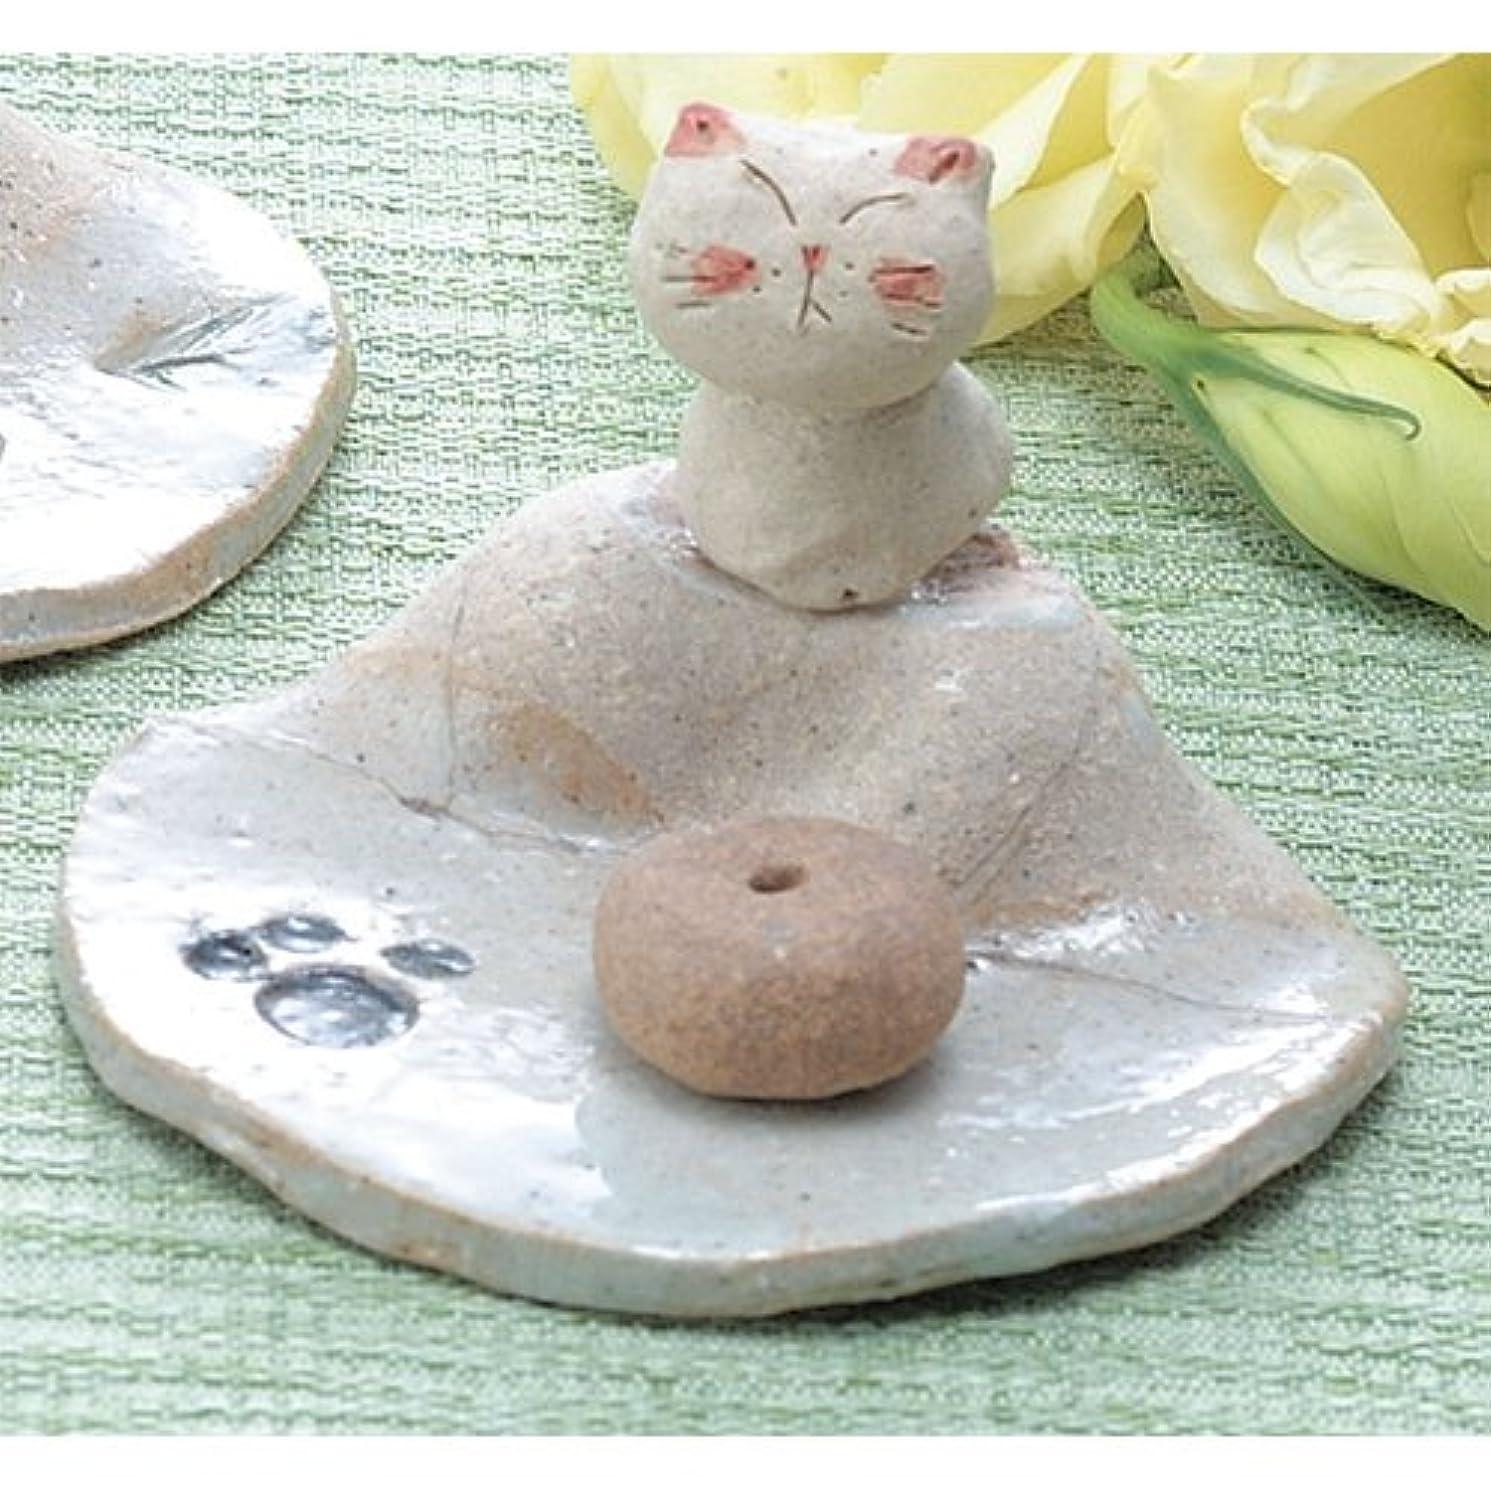 取り囲む崩壊真実に香皿 ほっこり ネコ 香皿 [H4cm] プレゼント ギフト 和食器 かわいい インテリア